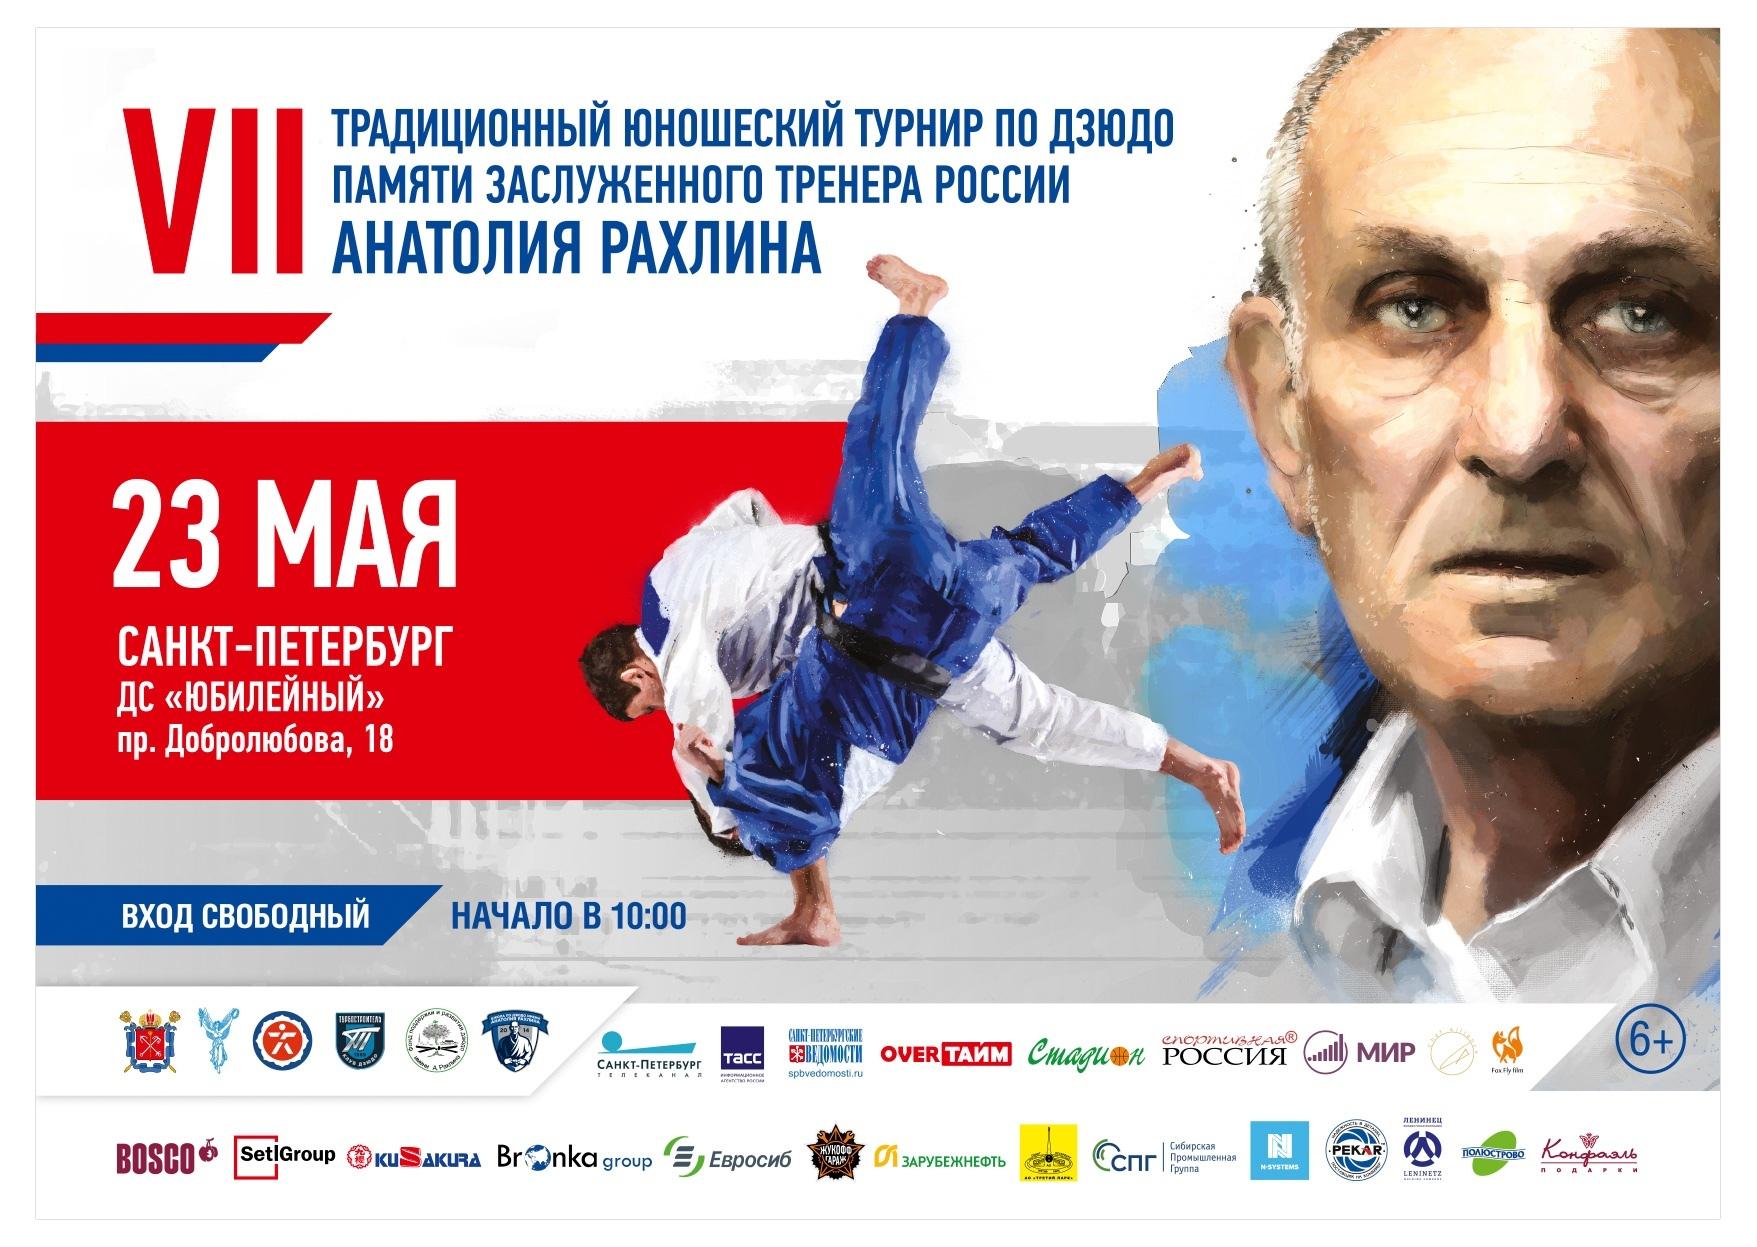 АО «Третий парк» — оказал поддержку юношеского турнира по дзюдо памяти Заслуженного тренера России Анатолия Рахлина